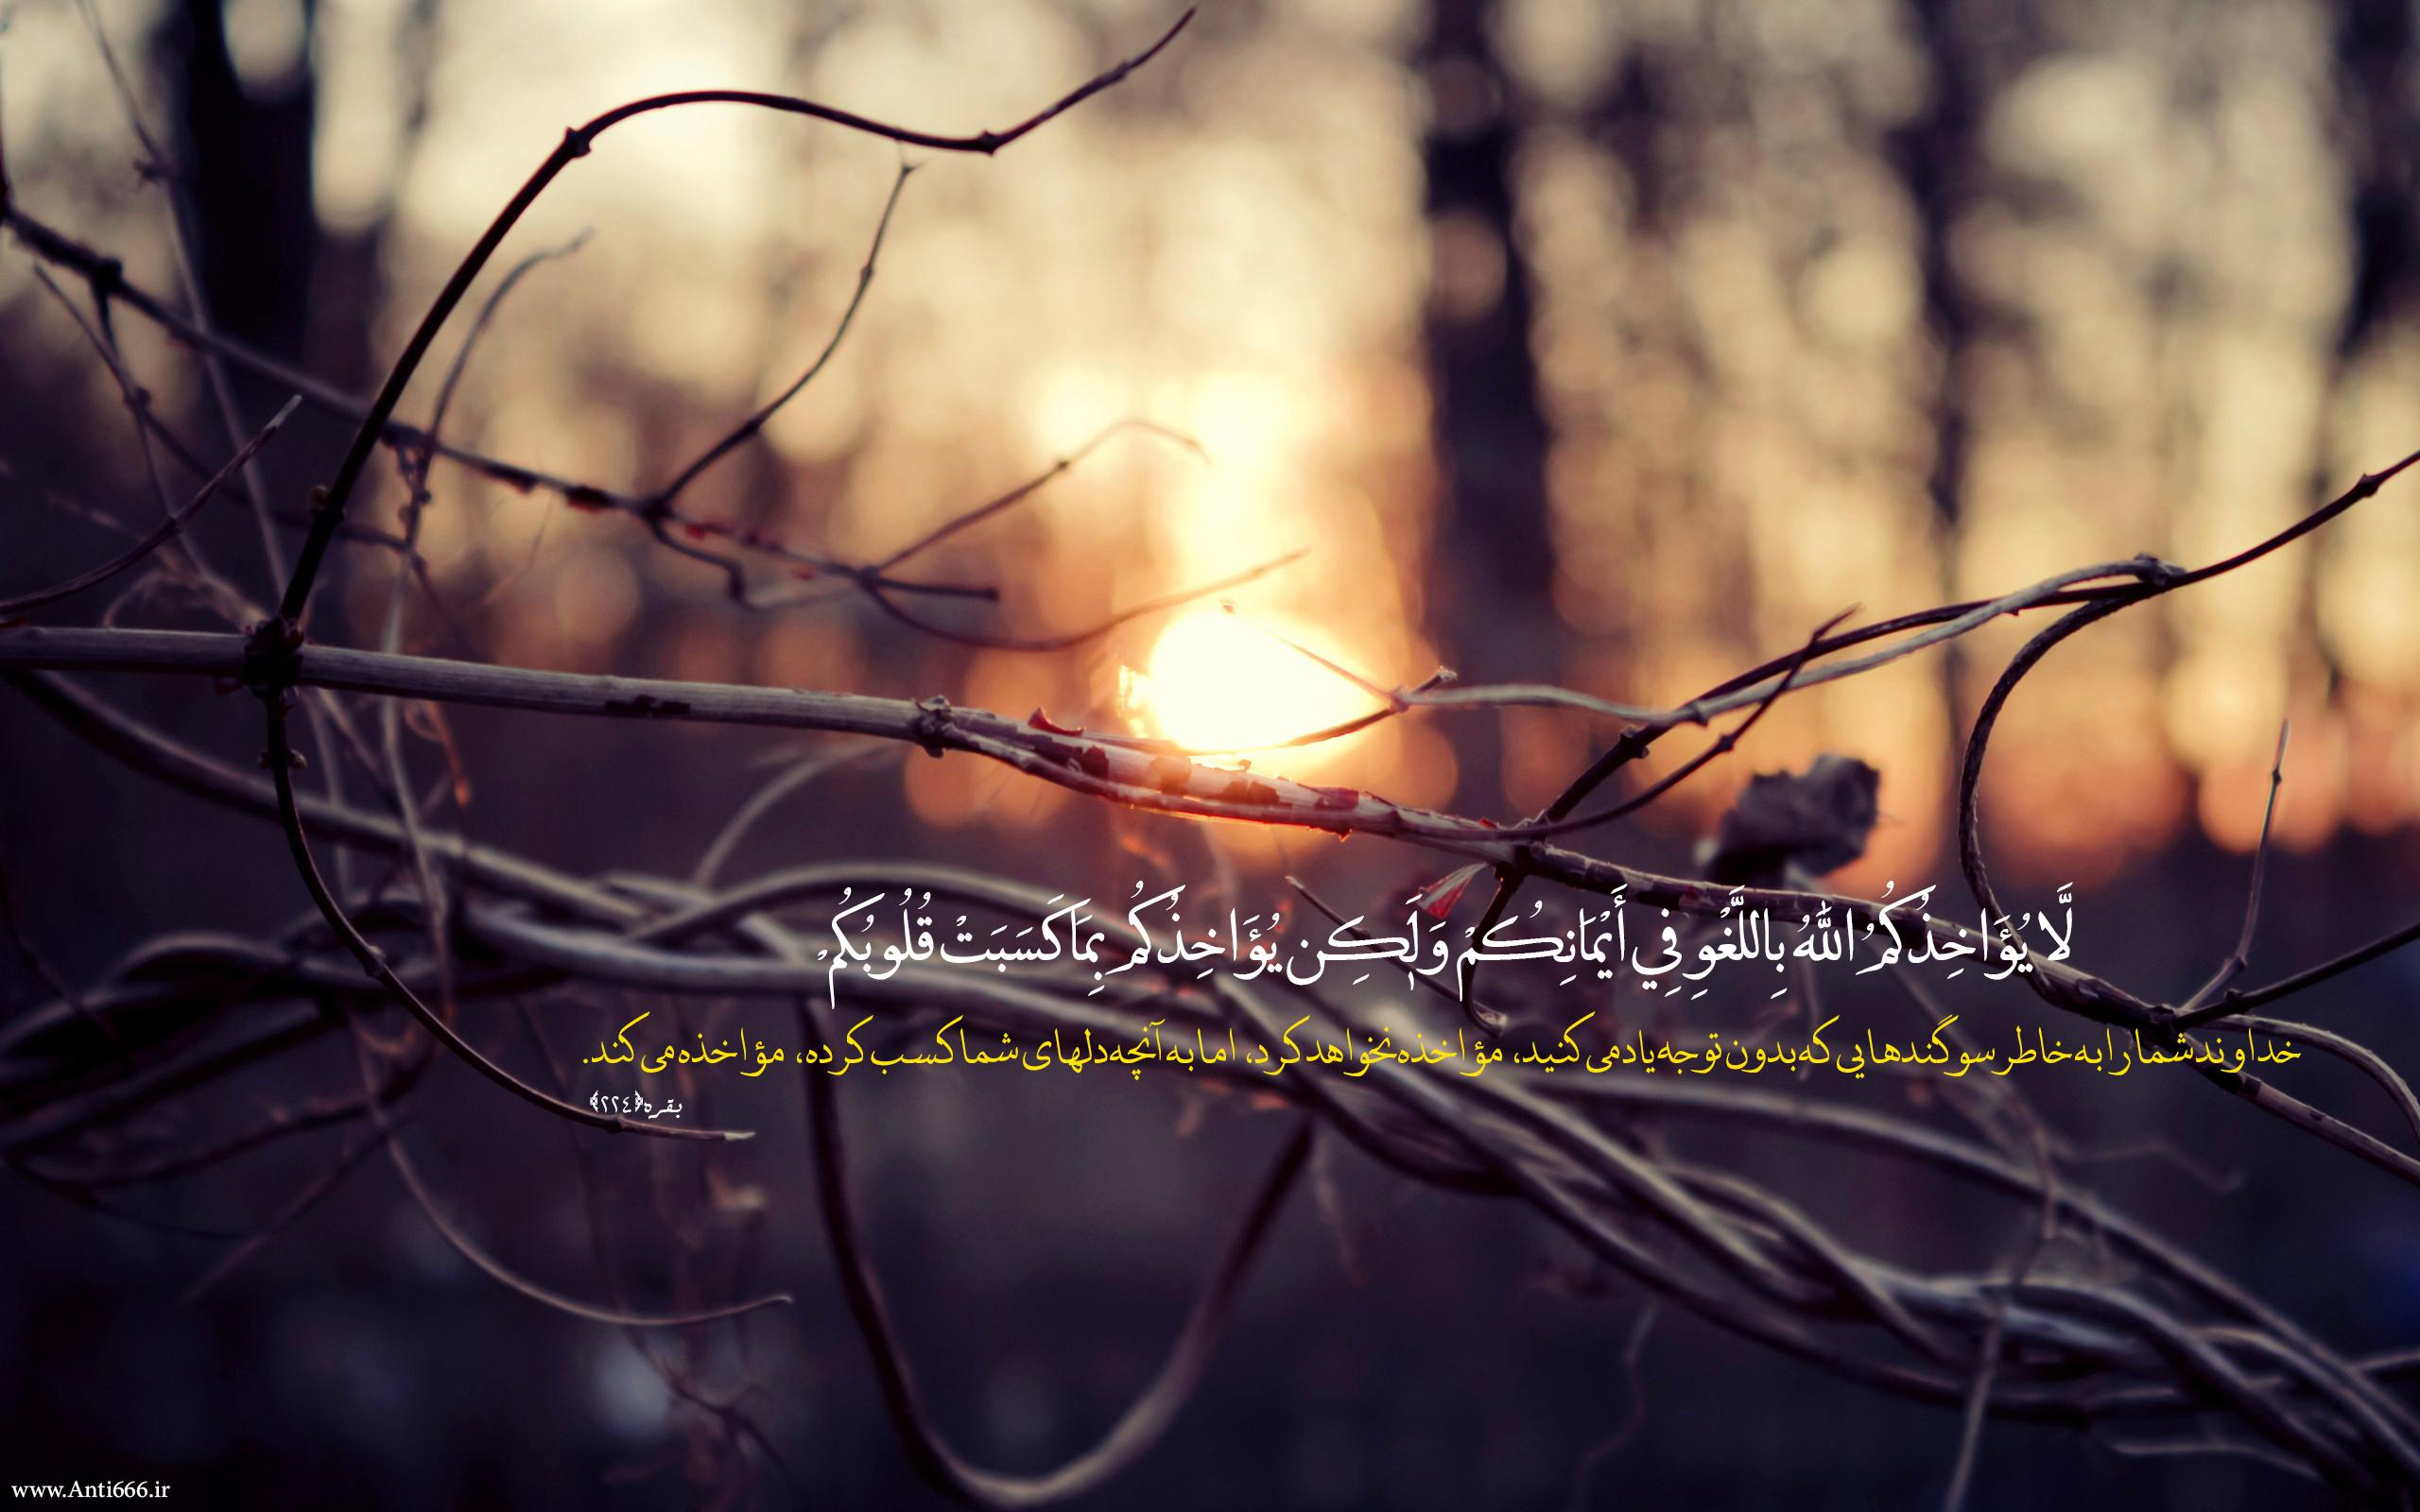 والپیپرهای قرآنی با کیفیت HD و Full HD بسیار زیبا [بایگانی ...والپیپرهای قرآنی با کیفیت HD و Full HD بسیار زیبا [بایگانی] - گفتگوی دینی